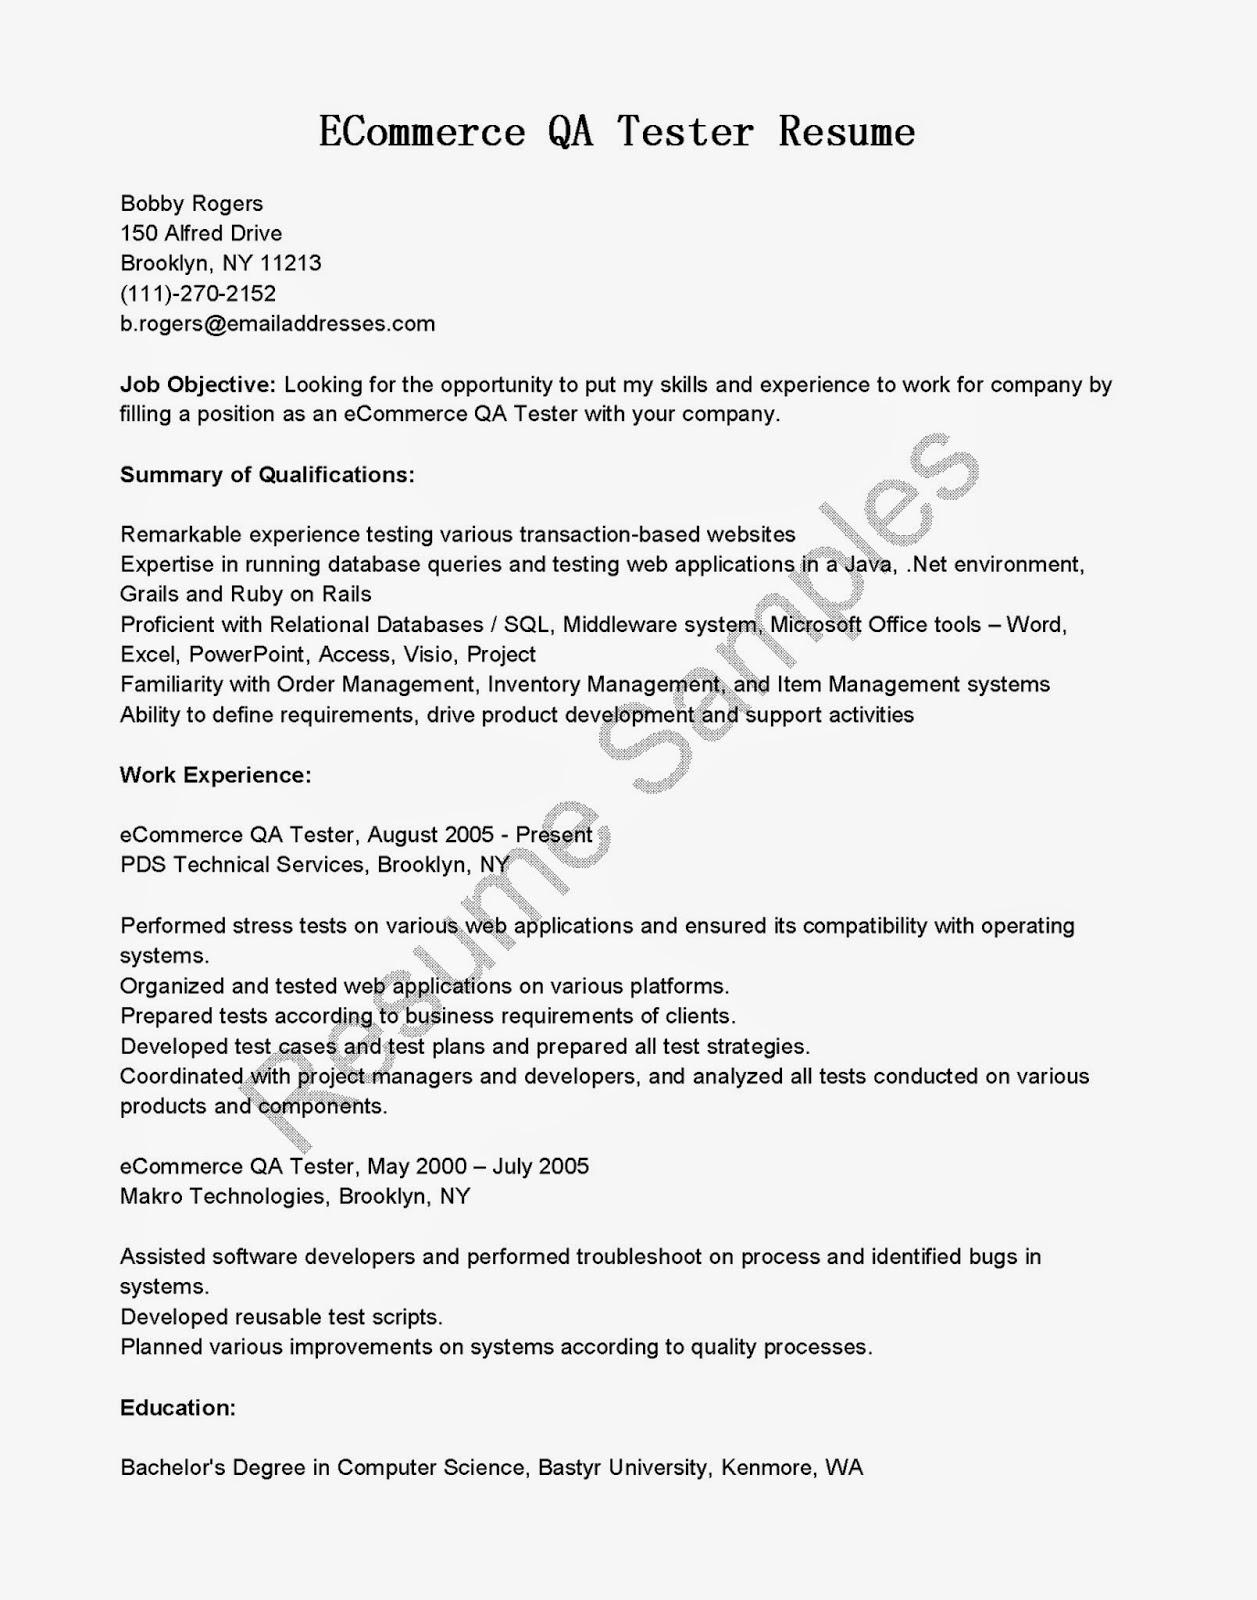 resume samples  ecommerce qa tester resume